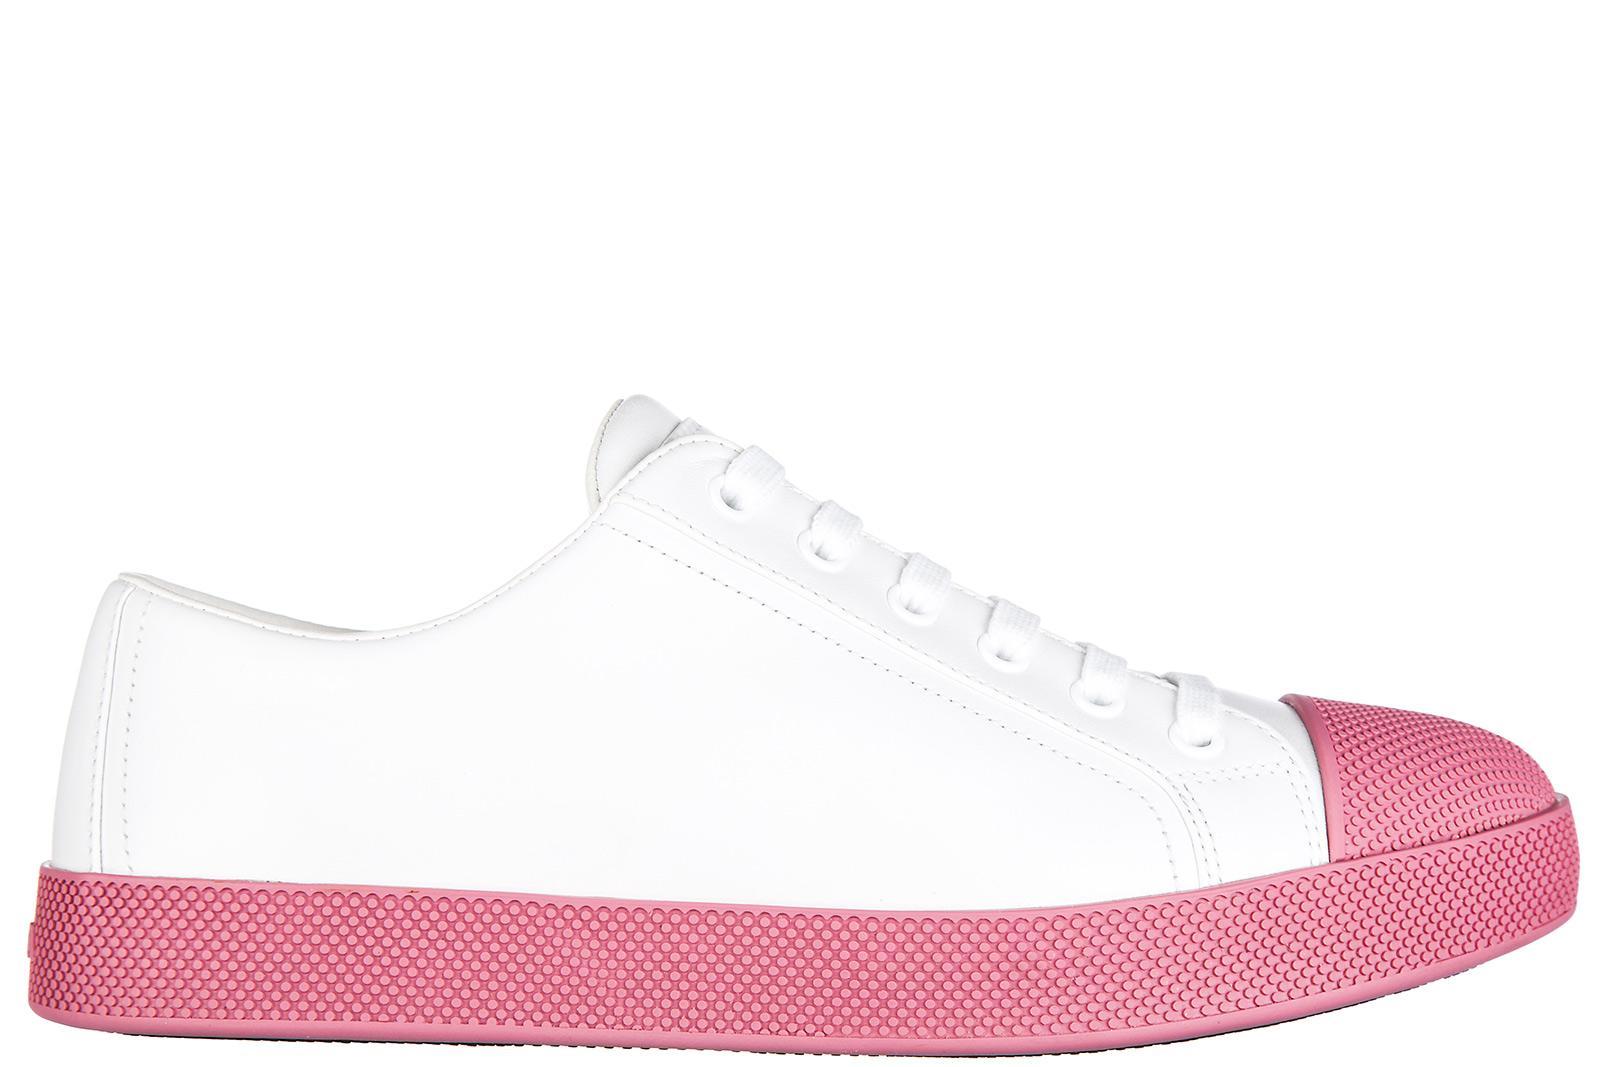 1ec6b61fba1e Prada Women s Shoes Leather Trainers Sneakers Vitello Soft In White ...